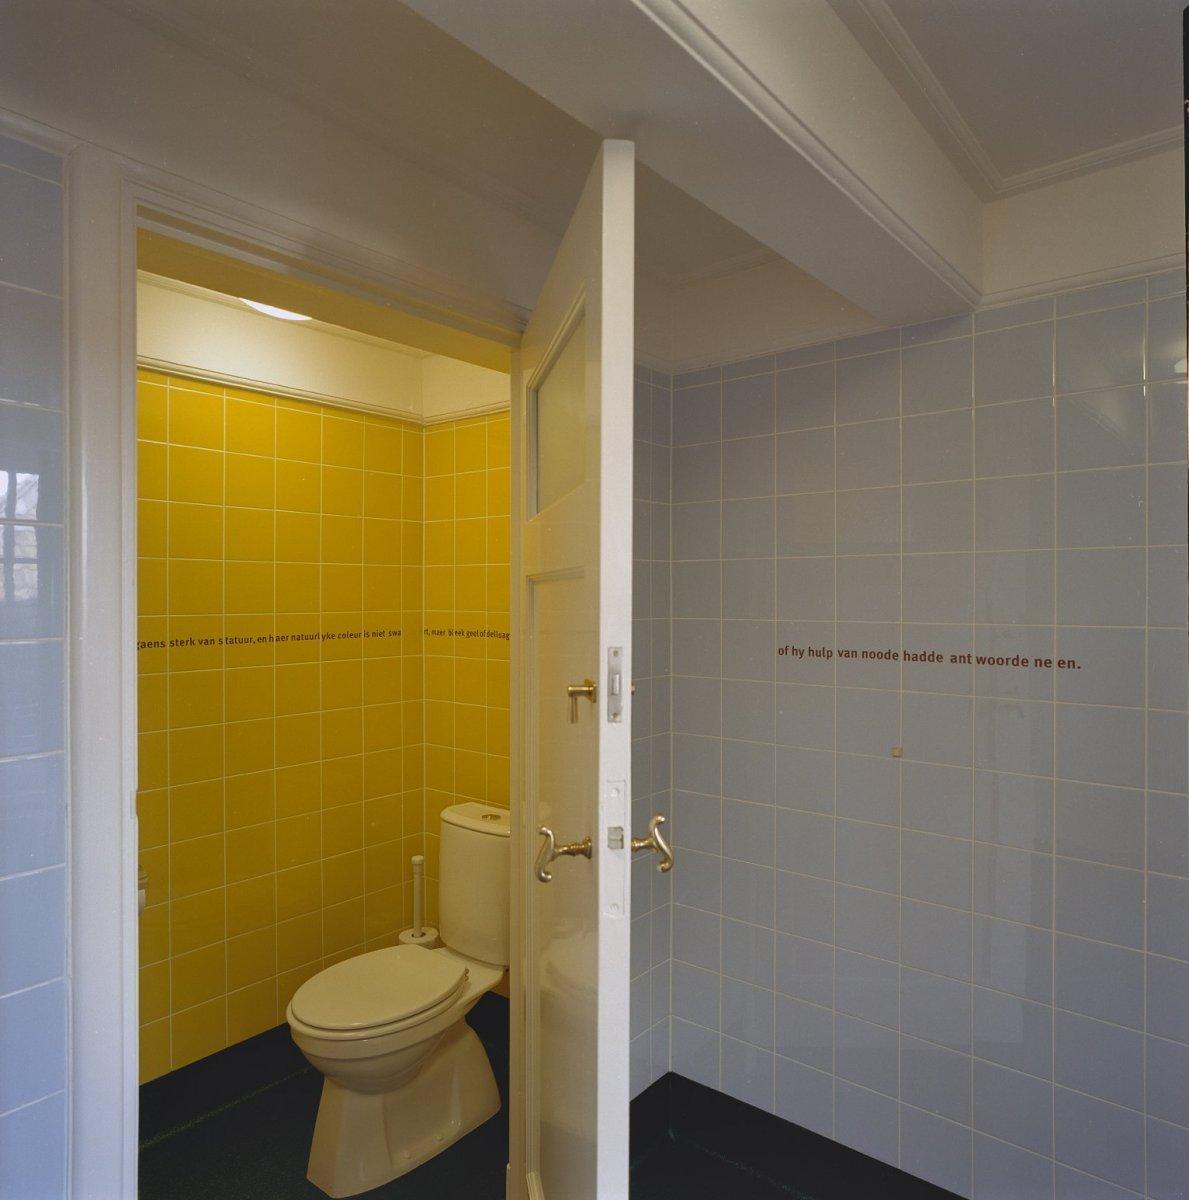 File interieur toilet en teksten op muur van jacob roggeveen in de oudbouw middelburg - Kleuren muur toilet ...